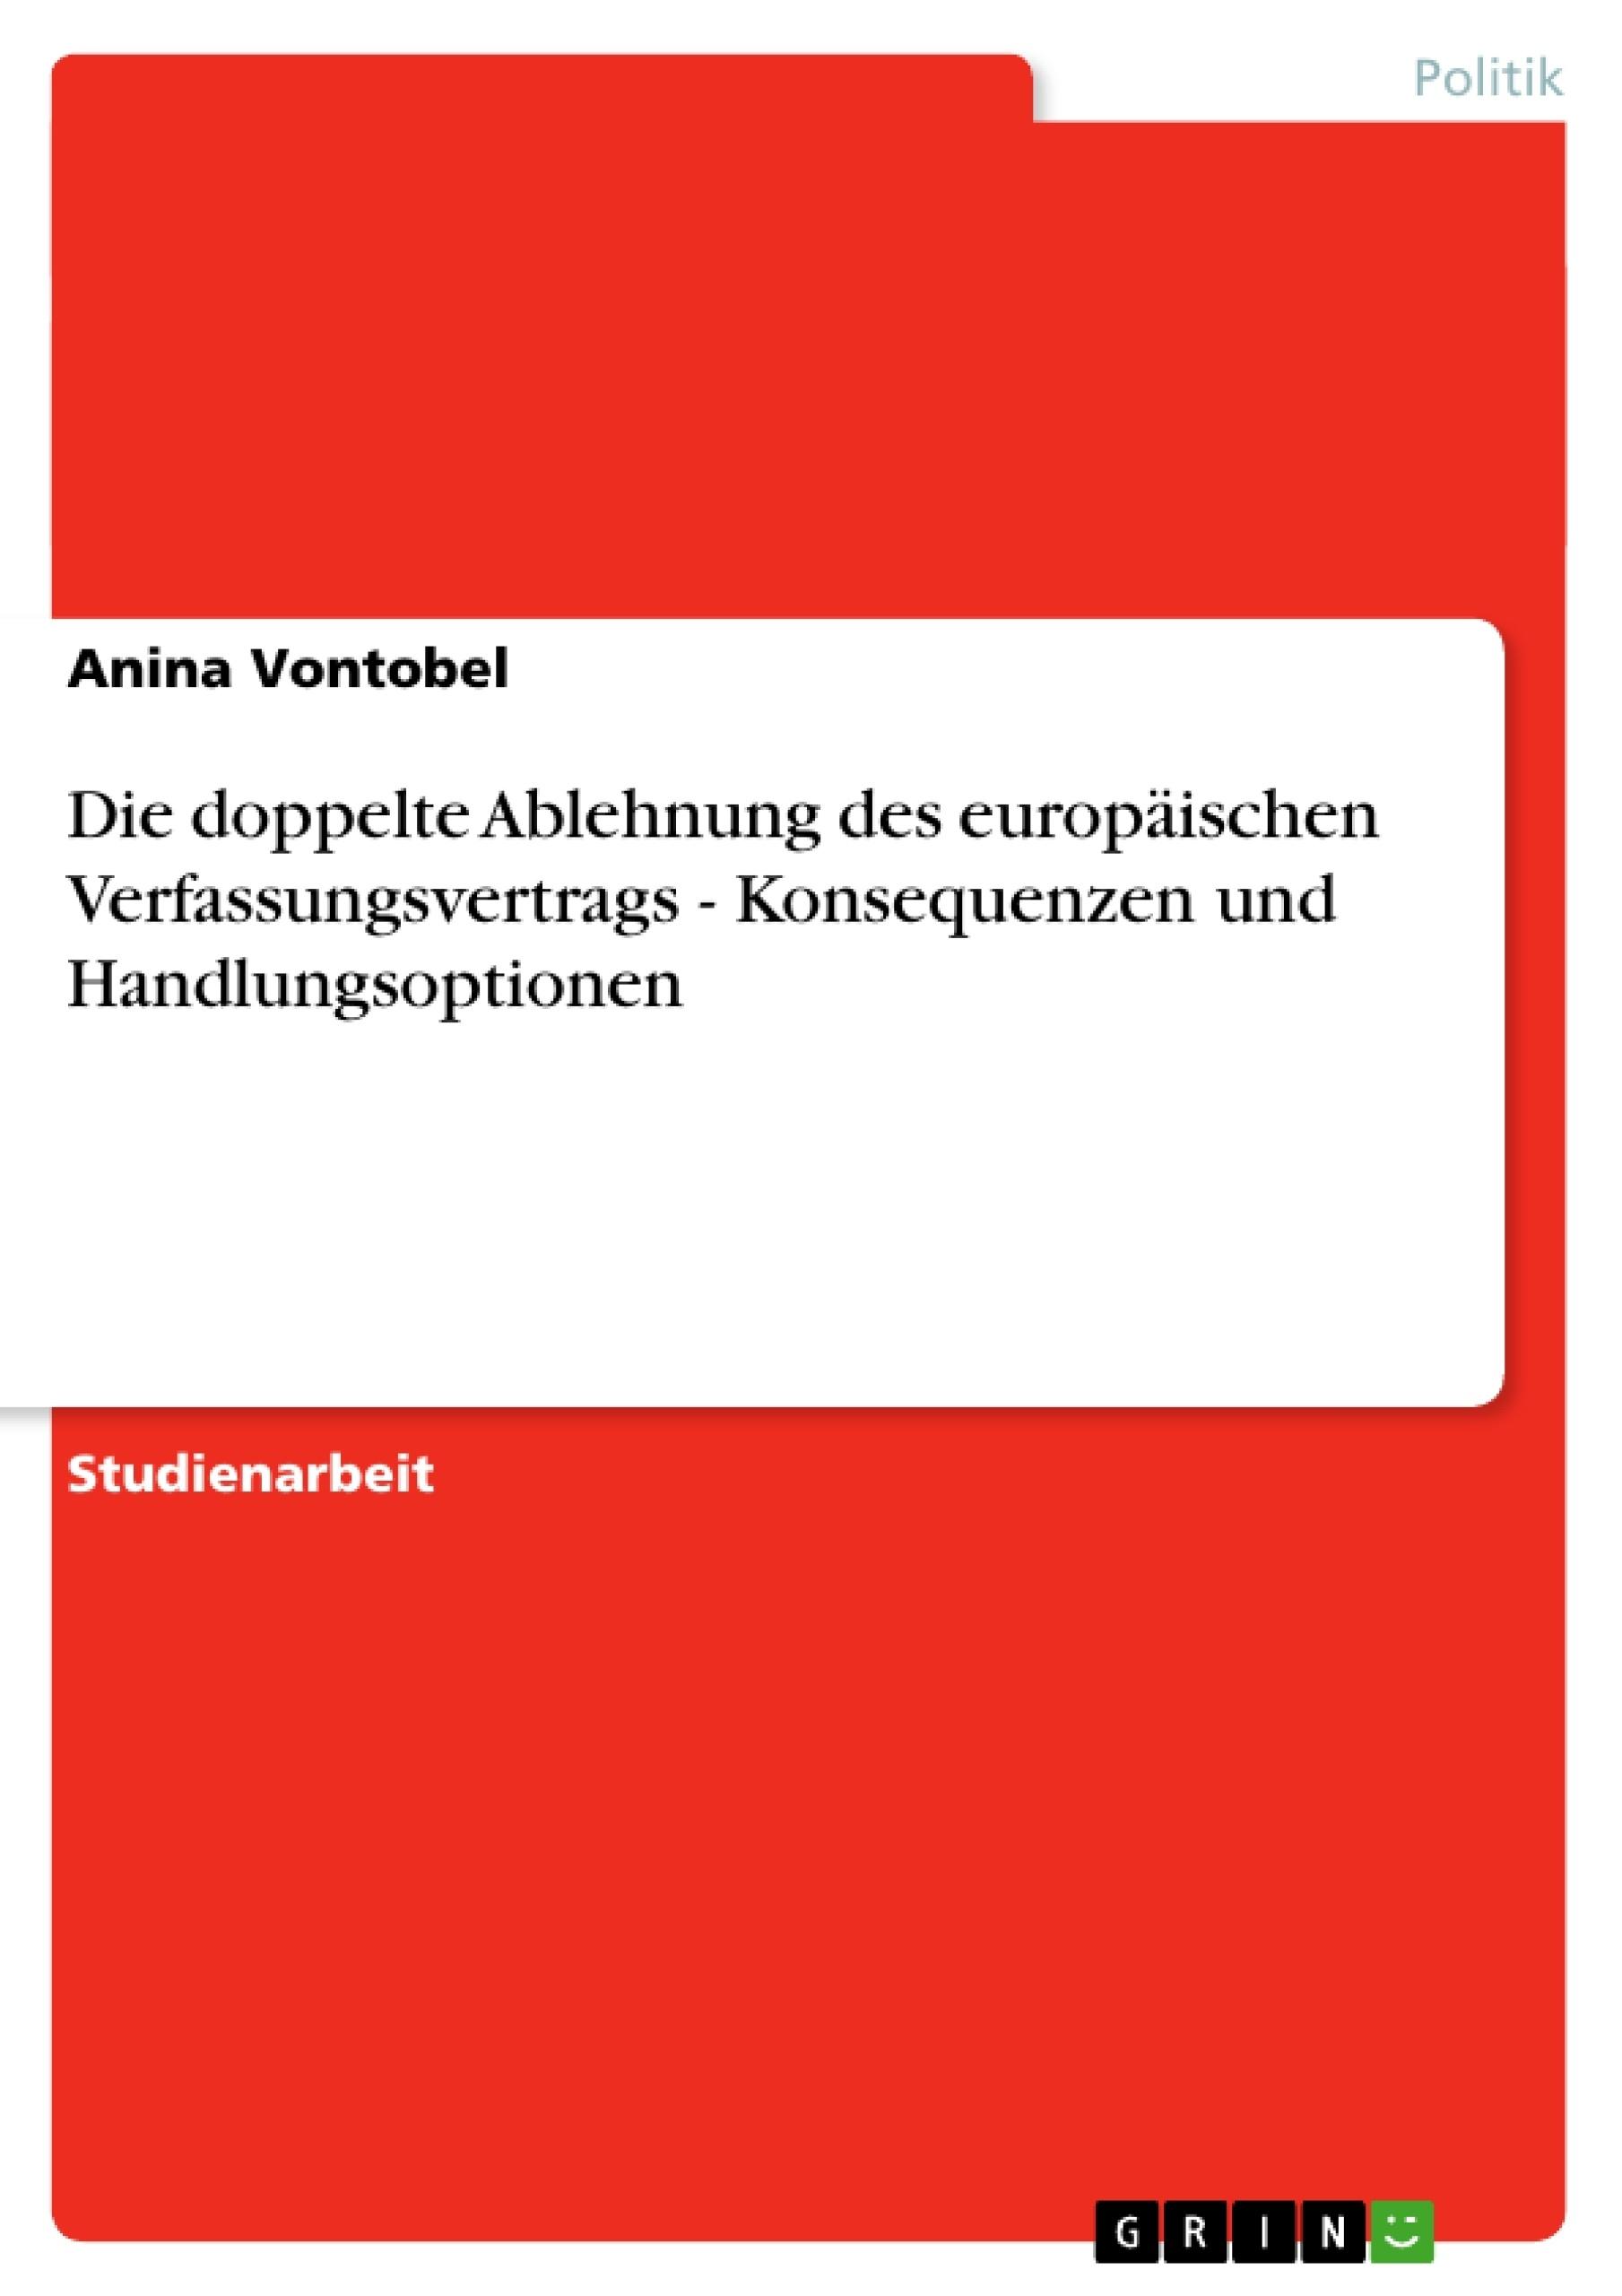 Titel: Die doppelte Ablehnung des europäischen Verfassungsvertrags - Konsequenzen und Handlungsoptionen